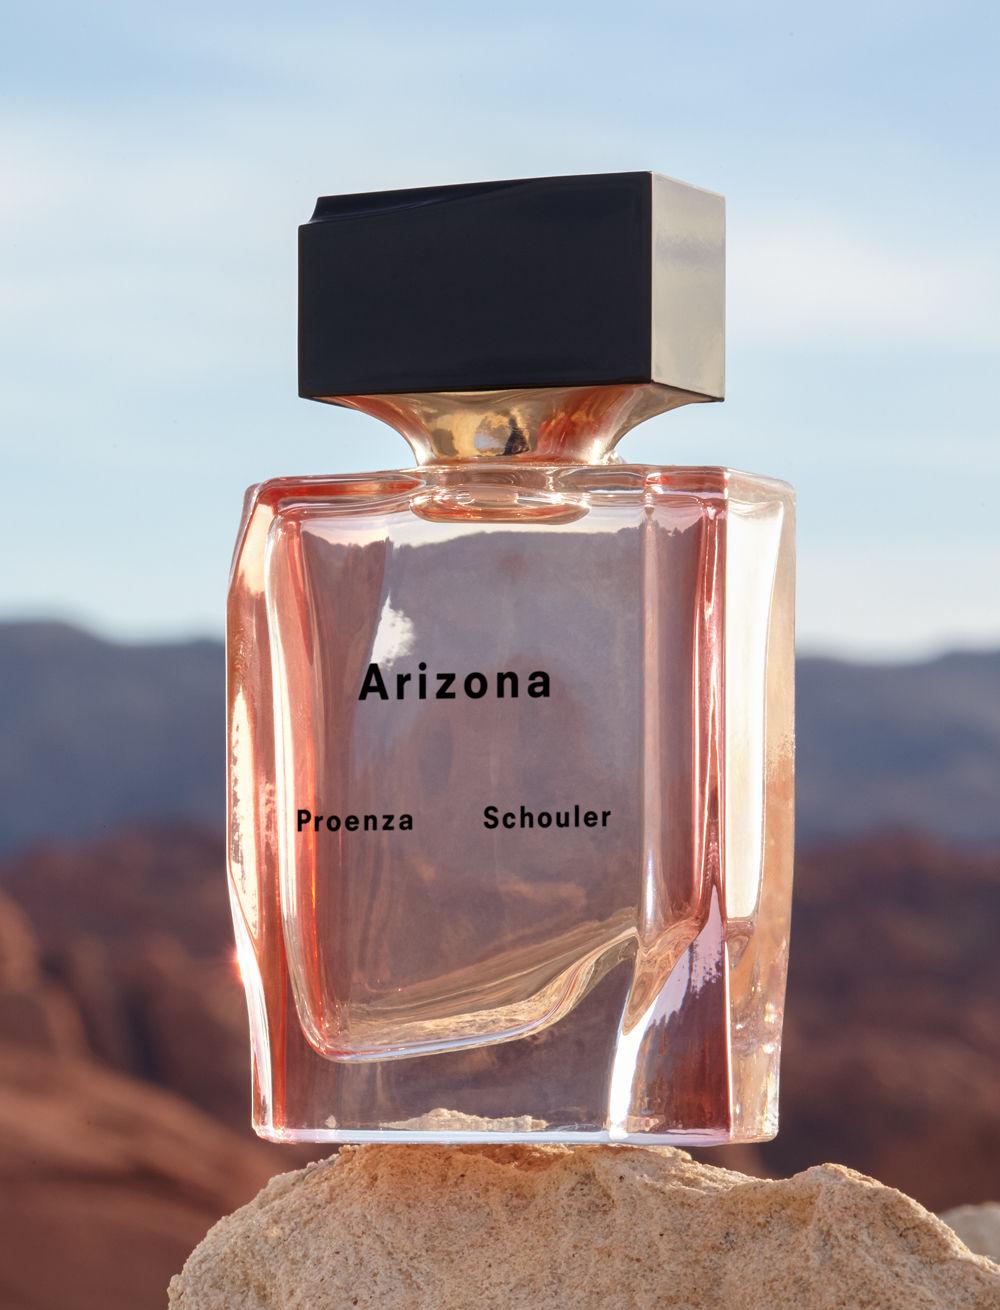 proenza schouler l'oreal fragrance arizona